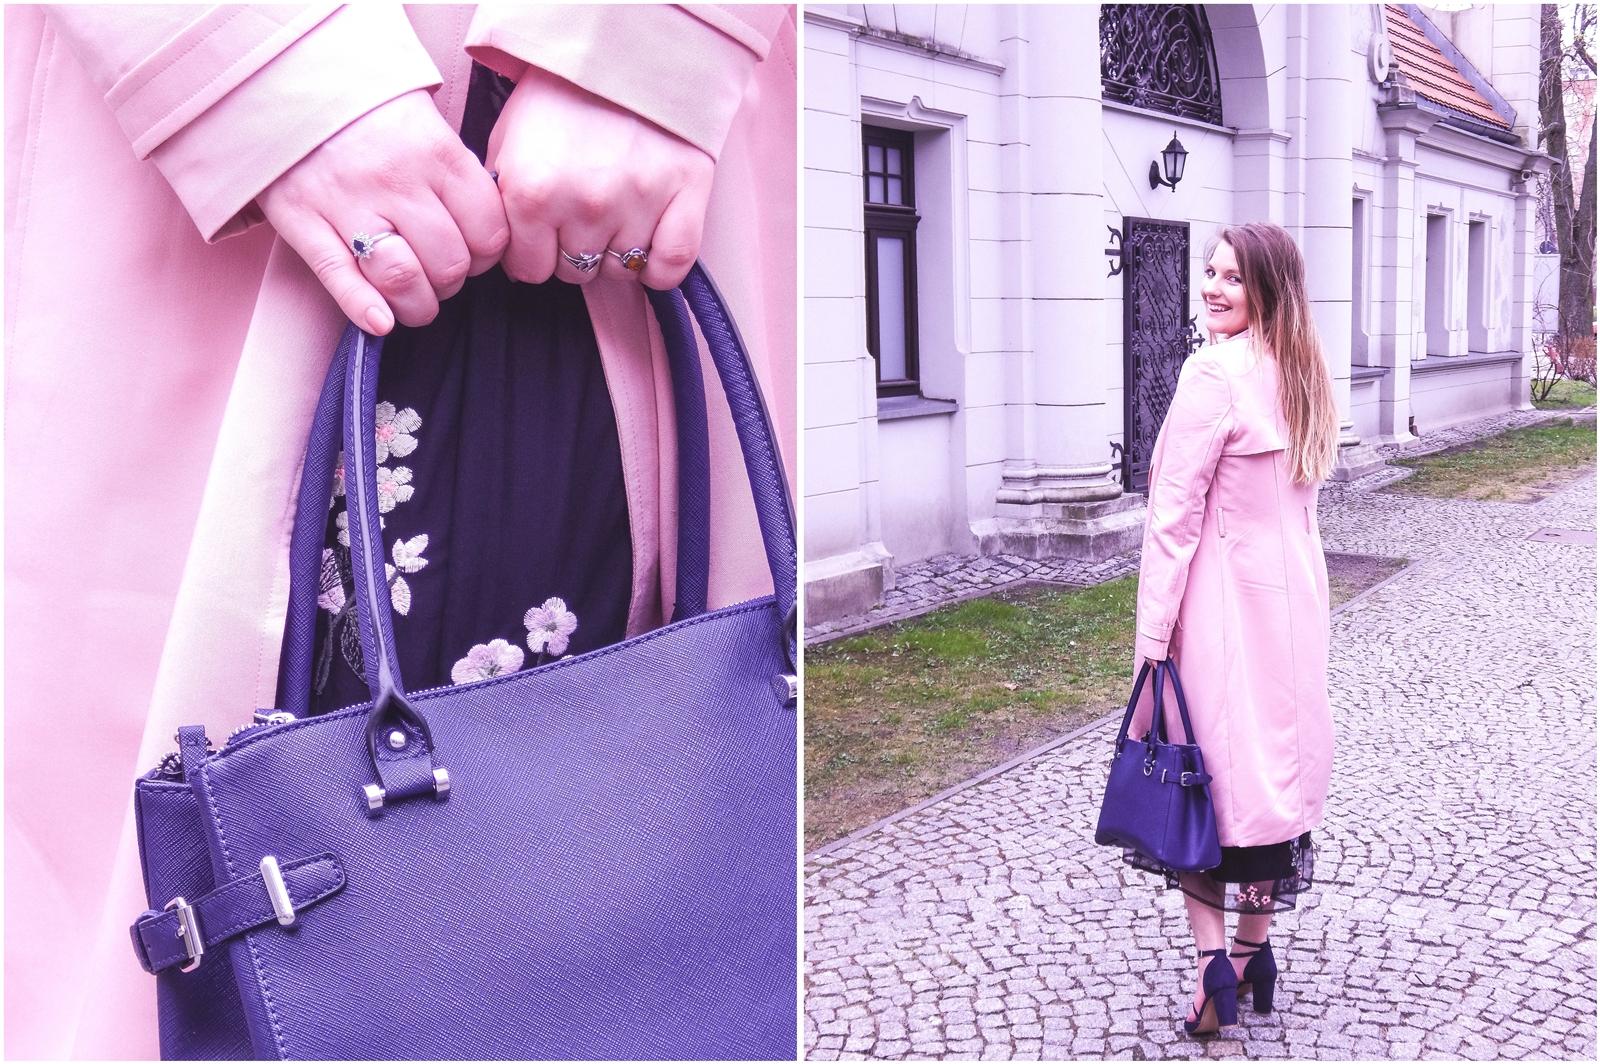 5a orsay trendy wiosna 2018 nowa kolekcja moda fashion blog blogerki modowe łódź z łodzi łódzkie melodylaniella fashion instagram sukienka na wesele różowy płaszcz granatowe pantofle duża torba